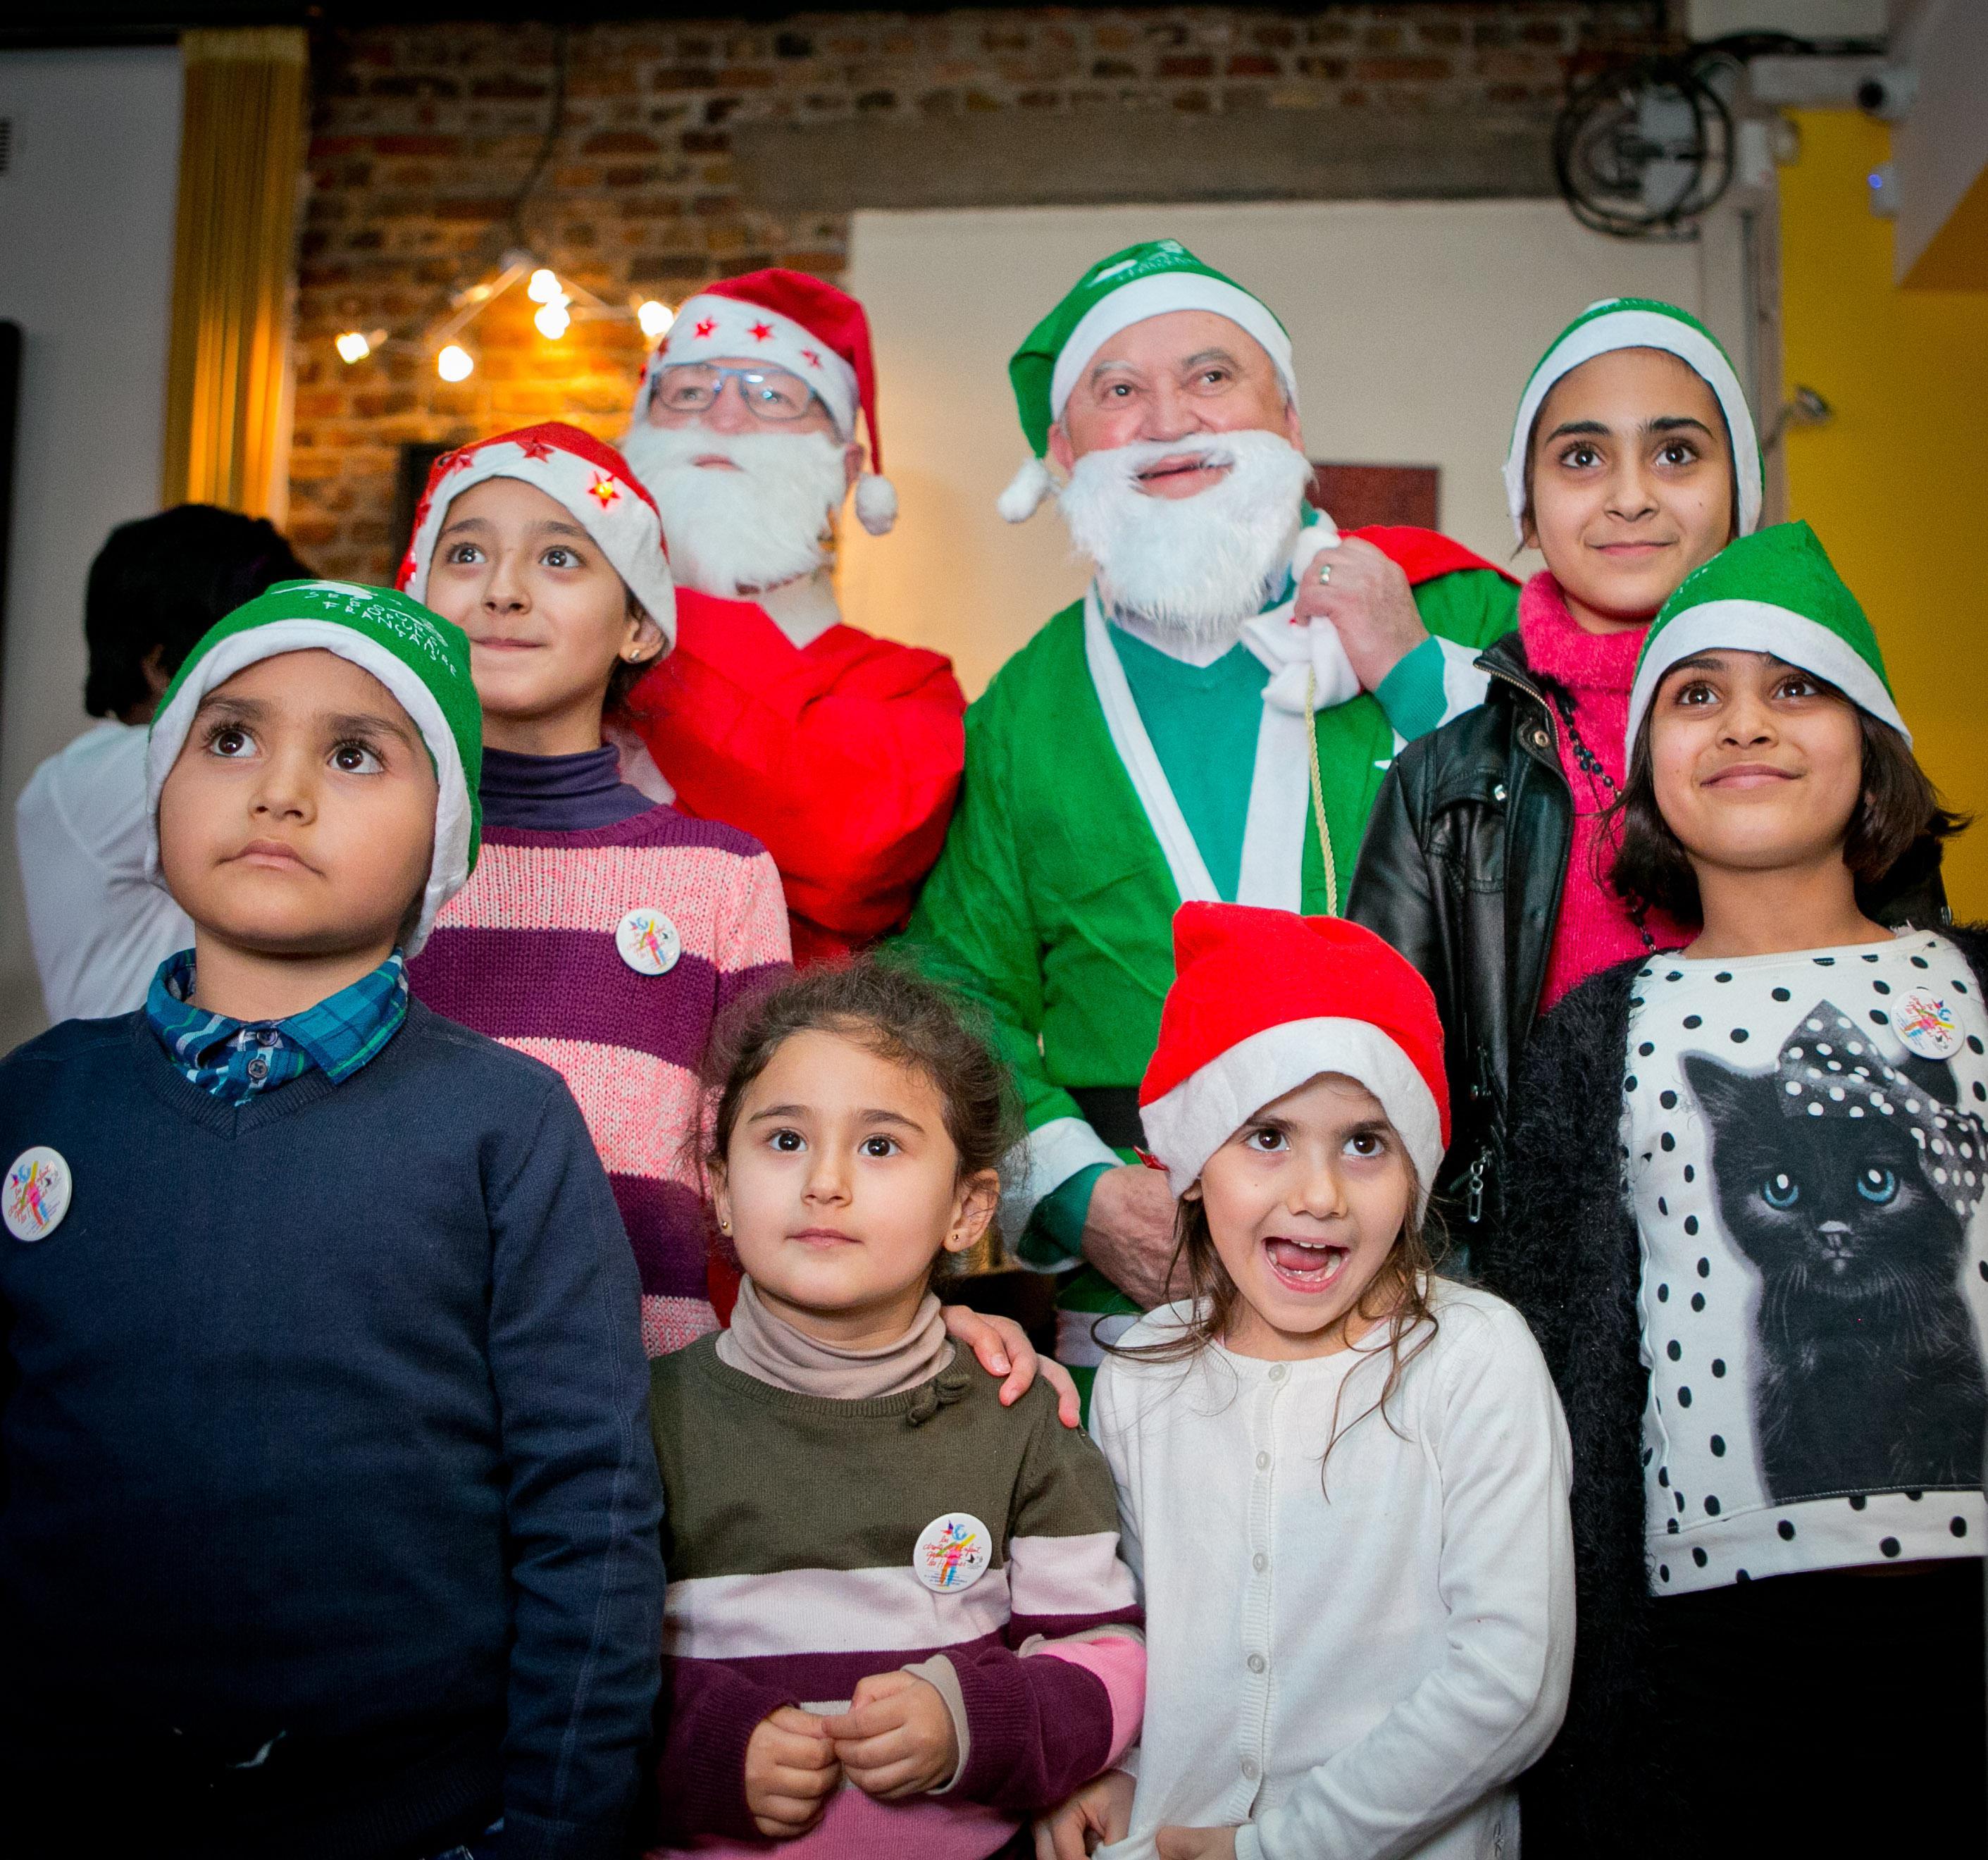 Les Pères Noël verts répondent toujours présents. Ici, un réveillon avec des enfants réfugiés venant de Syrie et d'Irak. Image d'archive de Noël 2015.